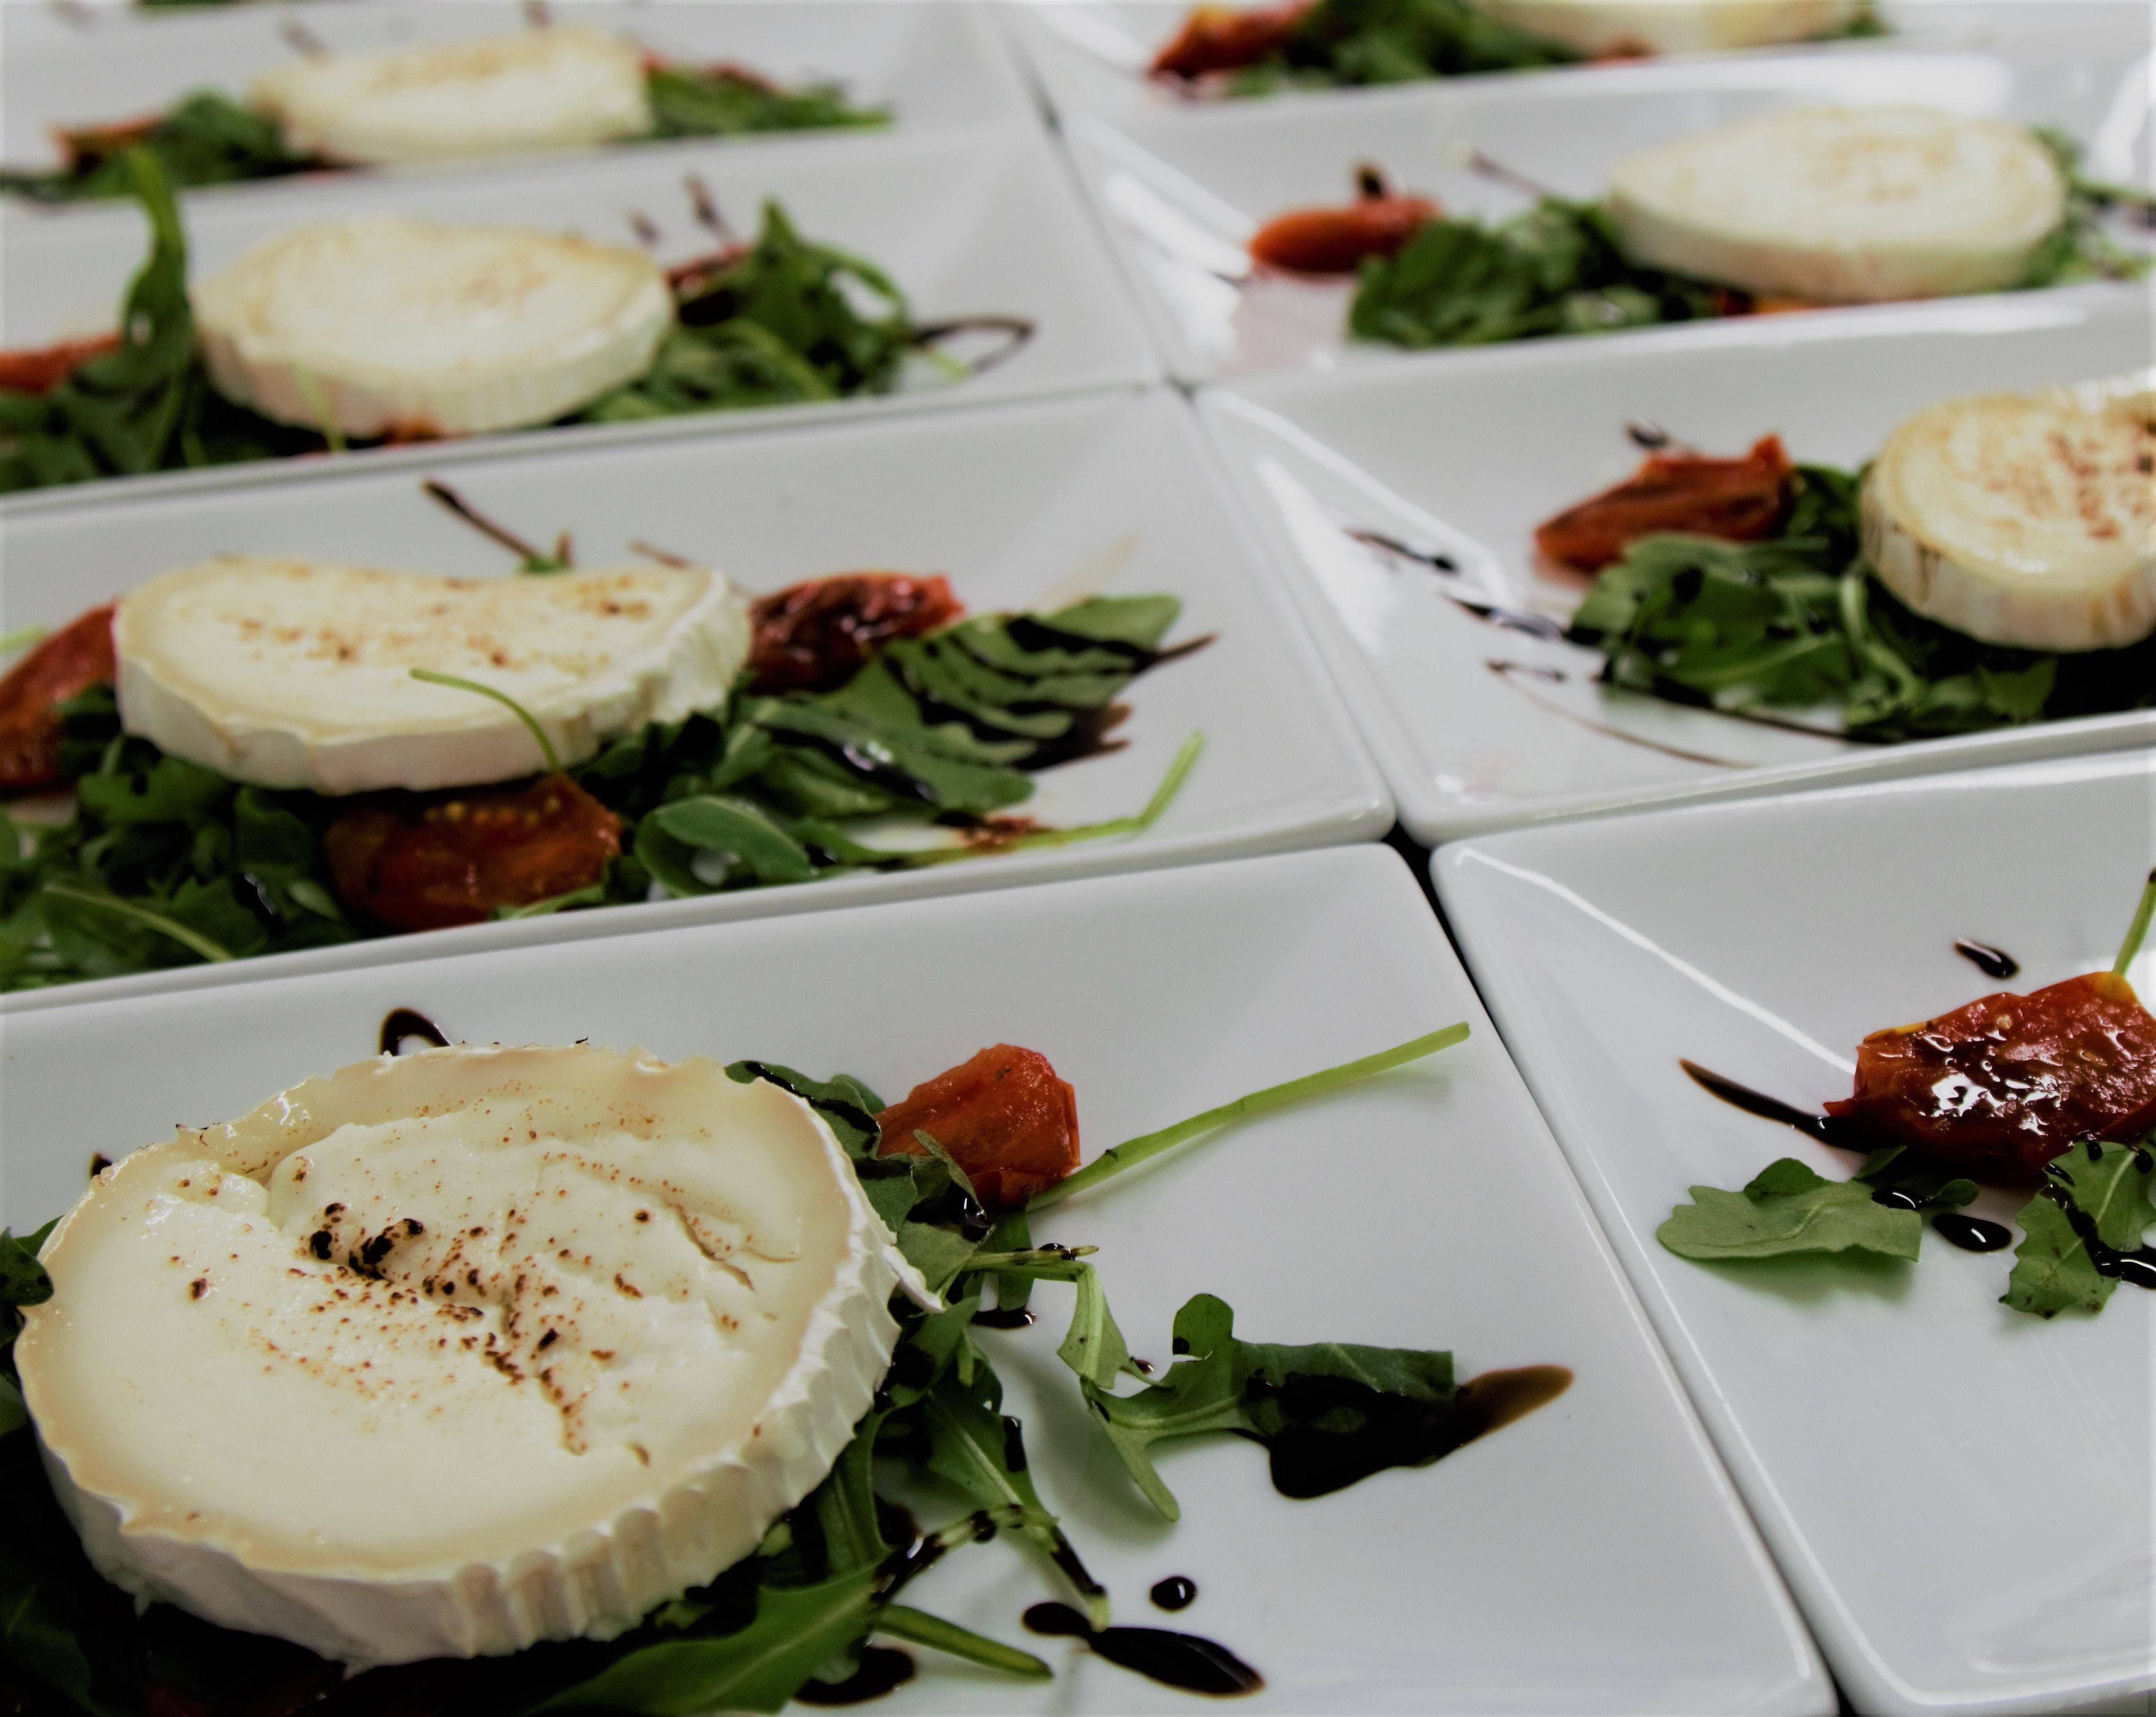 Close-up of Food on Plate, Food prep, Tasty, Seafood, Salad, HQ Photo